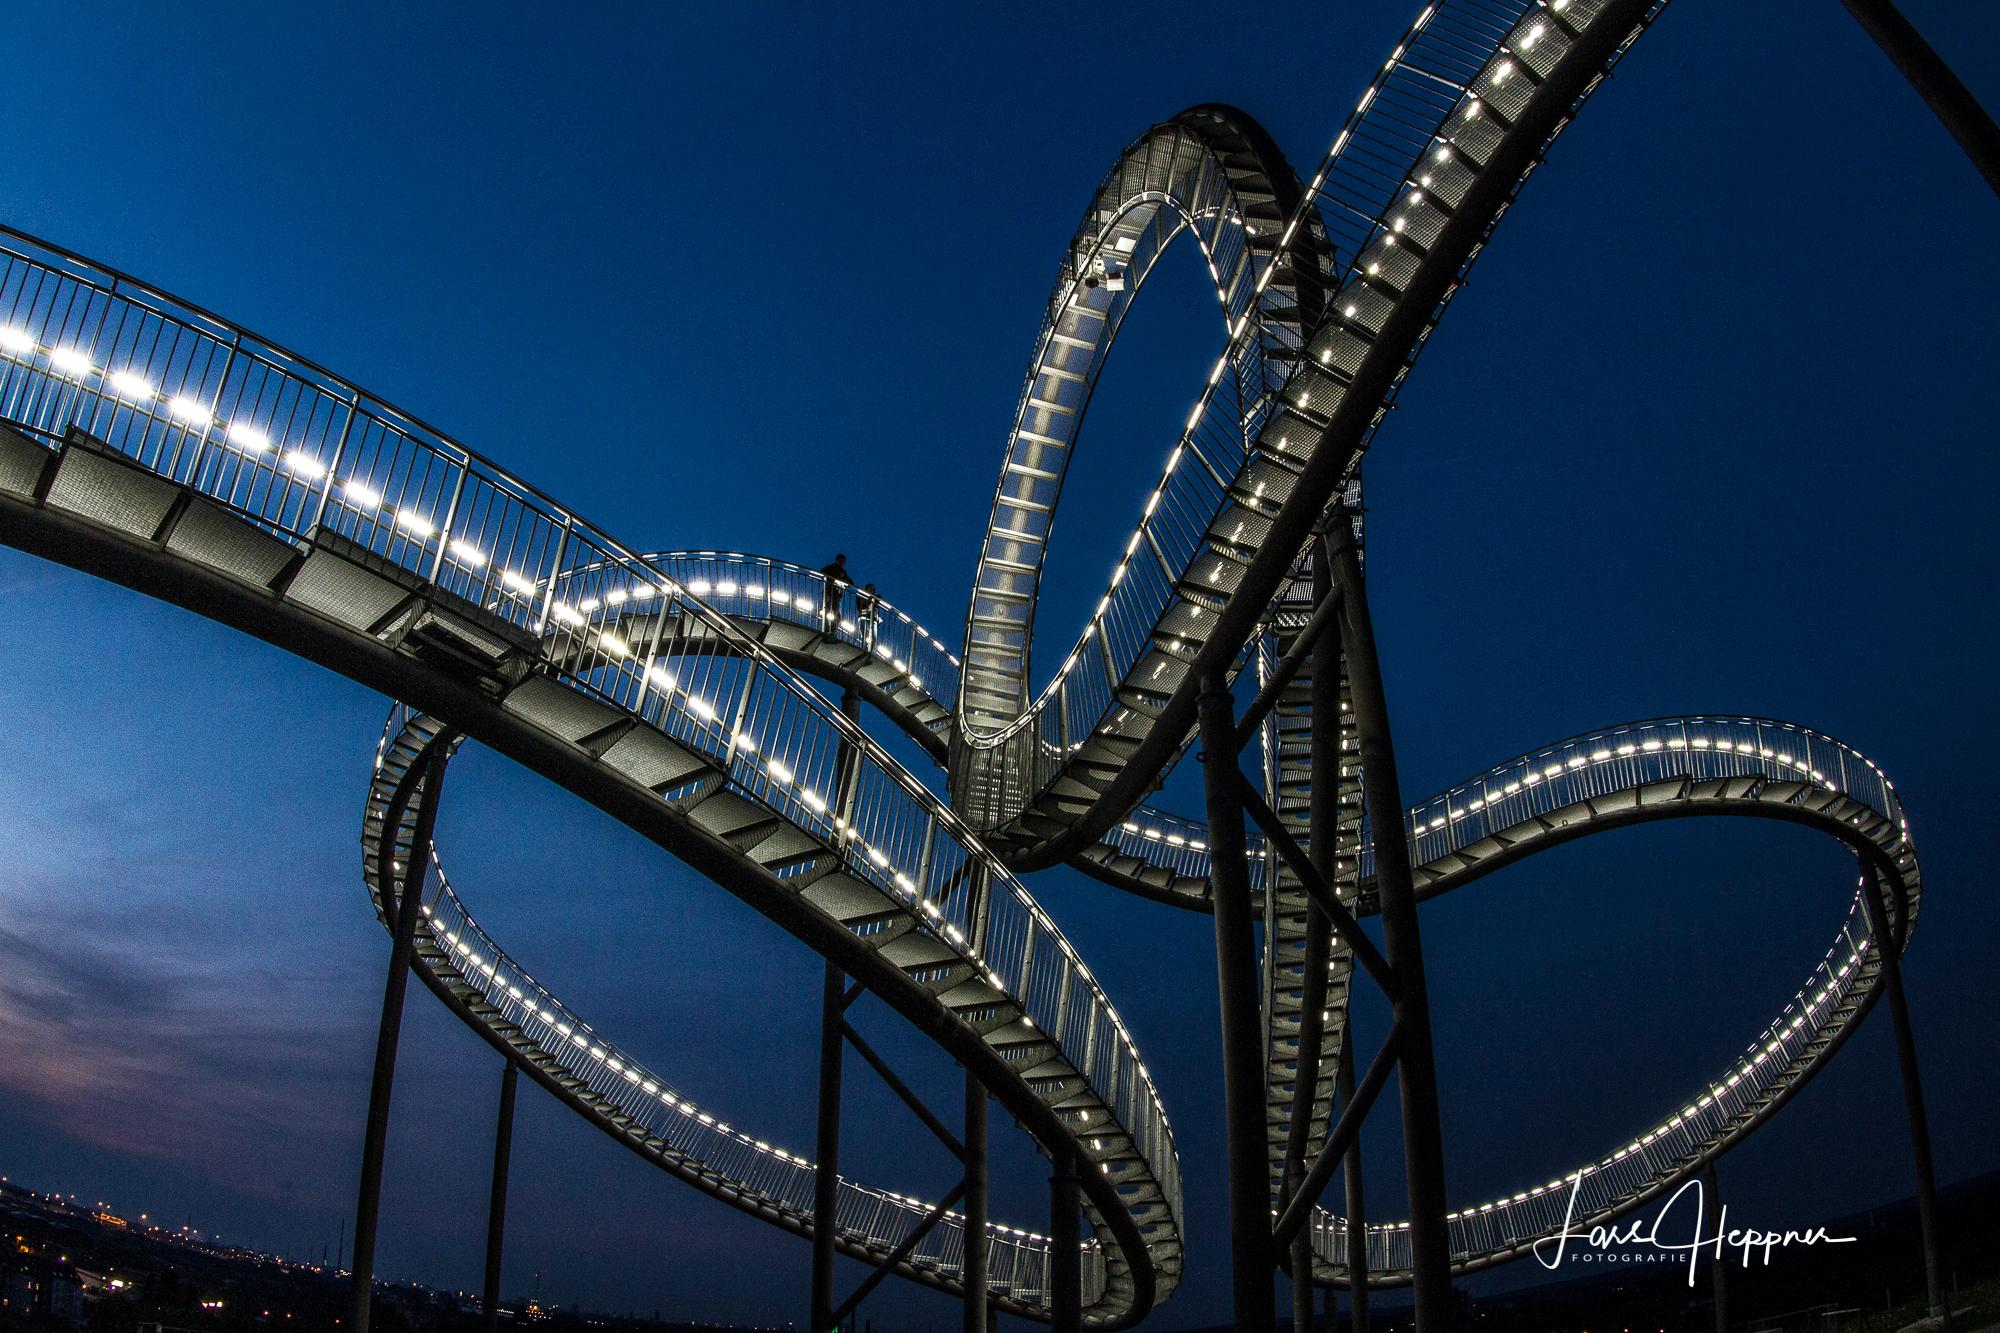 Industriekultur bei Nacht - Fotokurs im Landschaftspark Duisburg